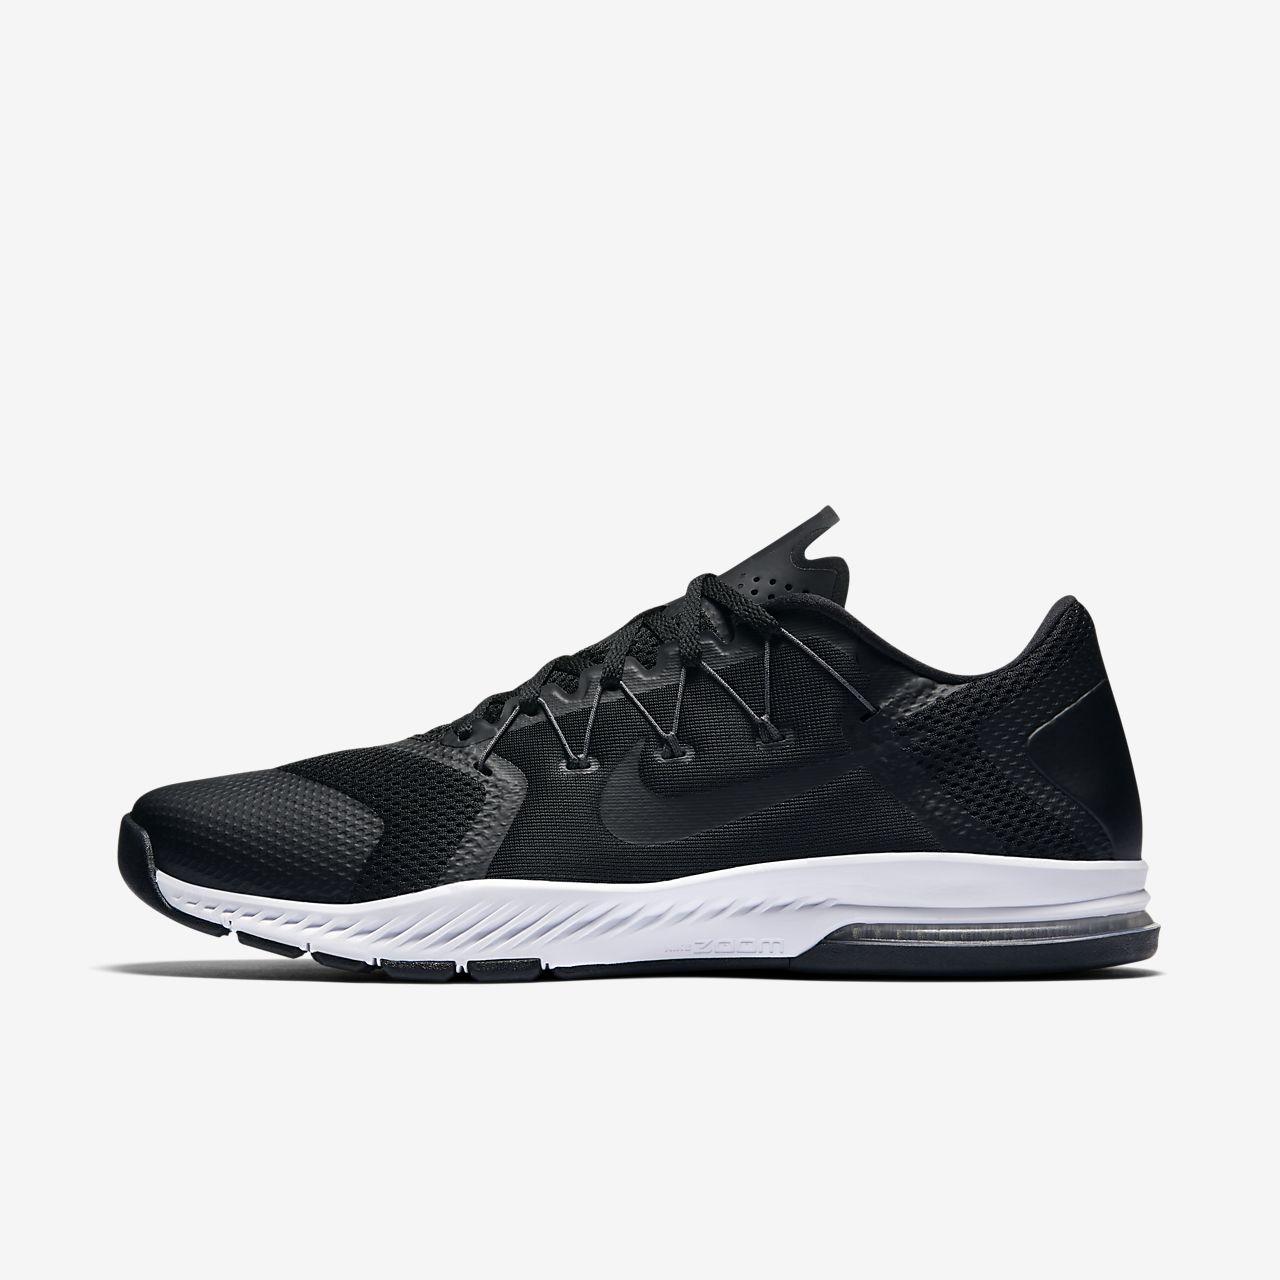 size 40 86dae efa59 ... noir blanc bleu 9aa4a 606f8 coupon chaussure de training nike zoom  train complete pour homme eb920 5f11e ...